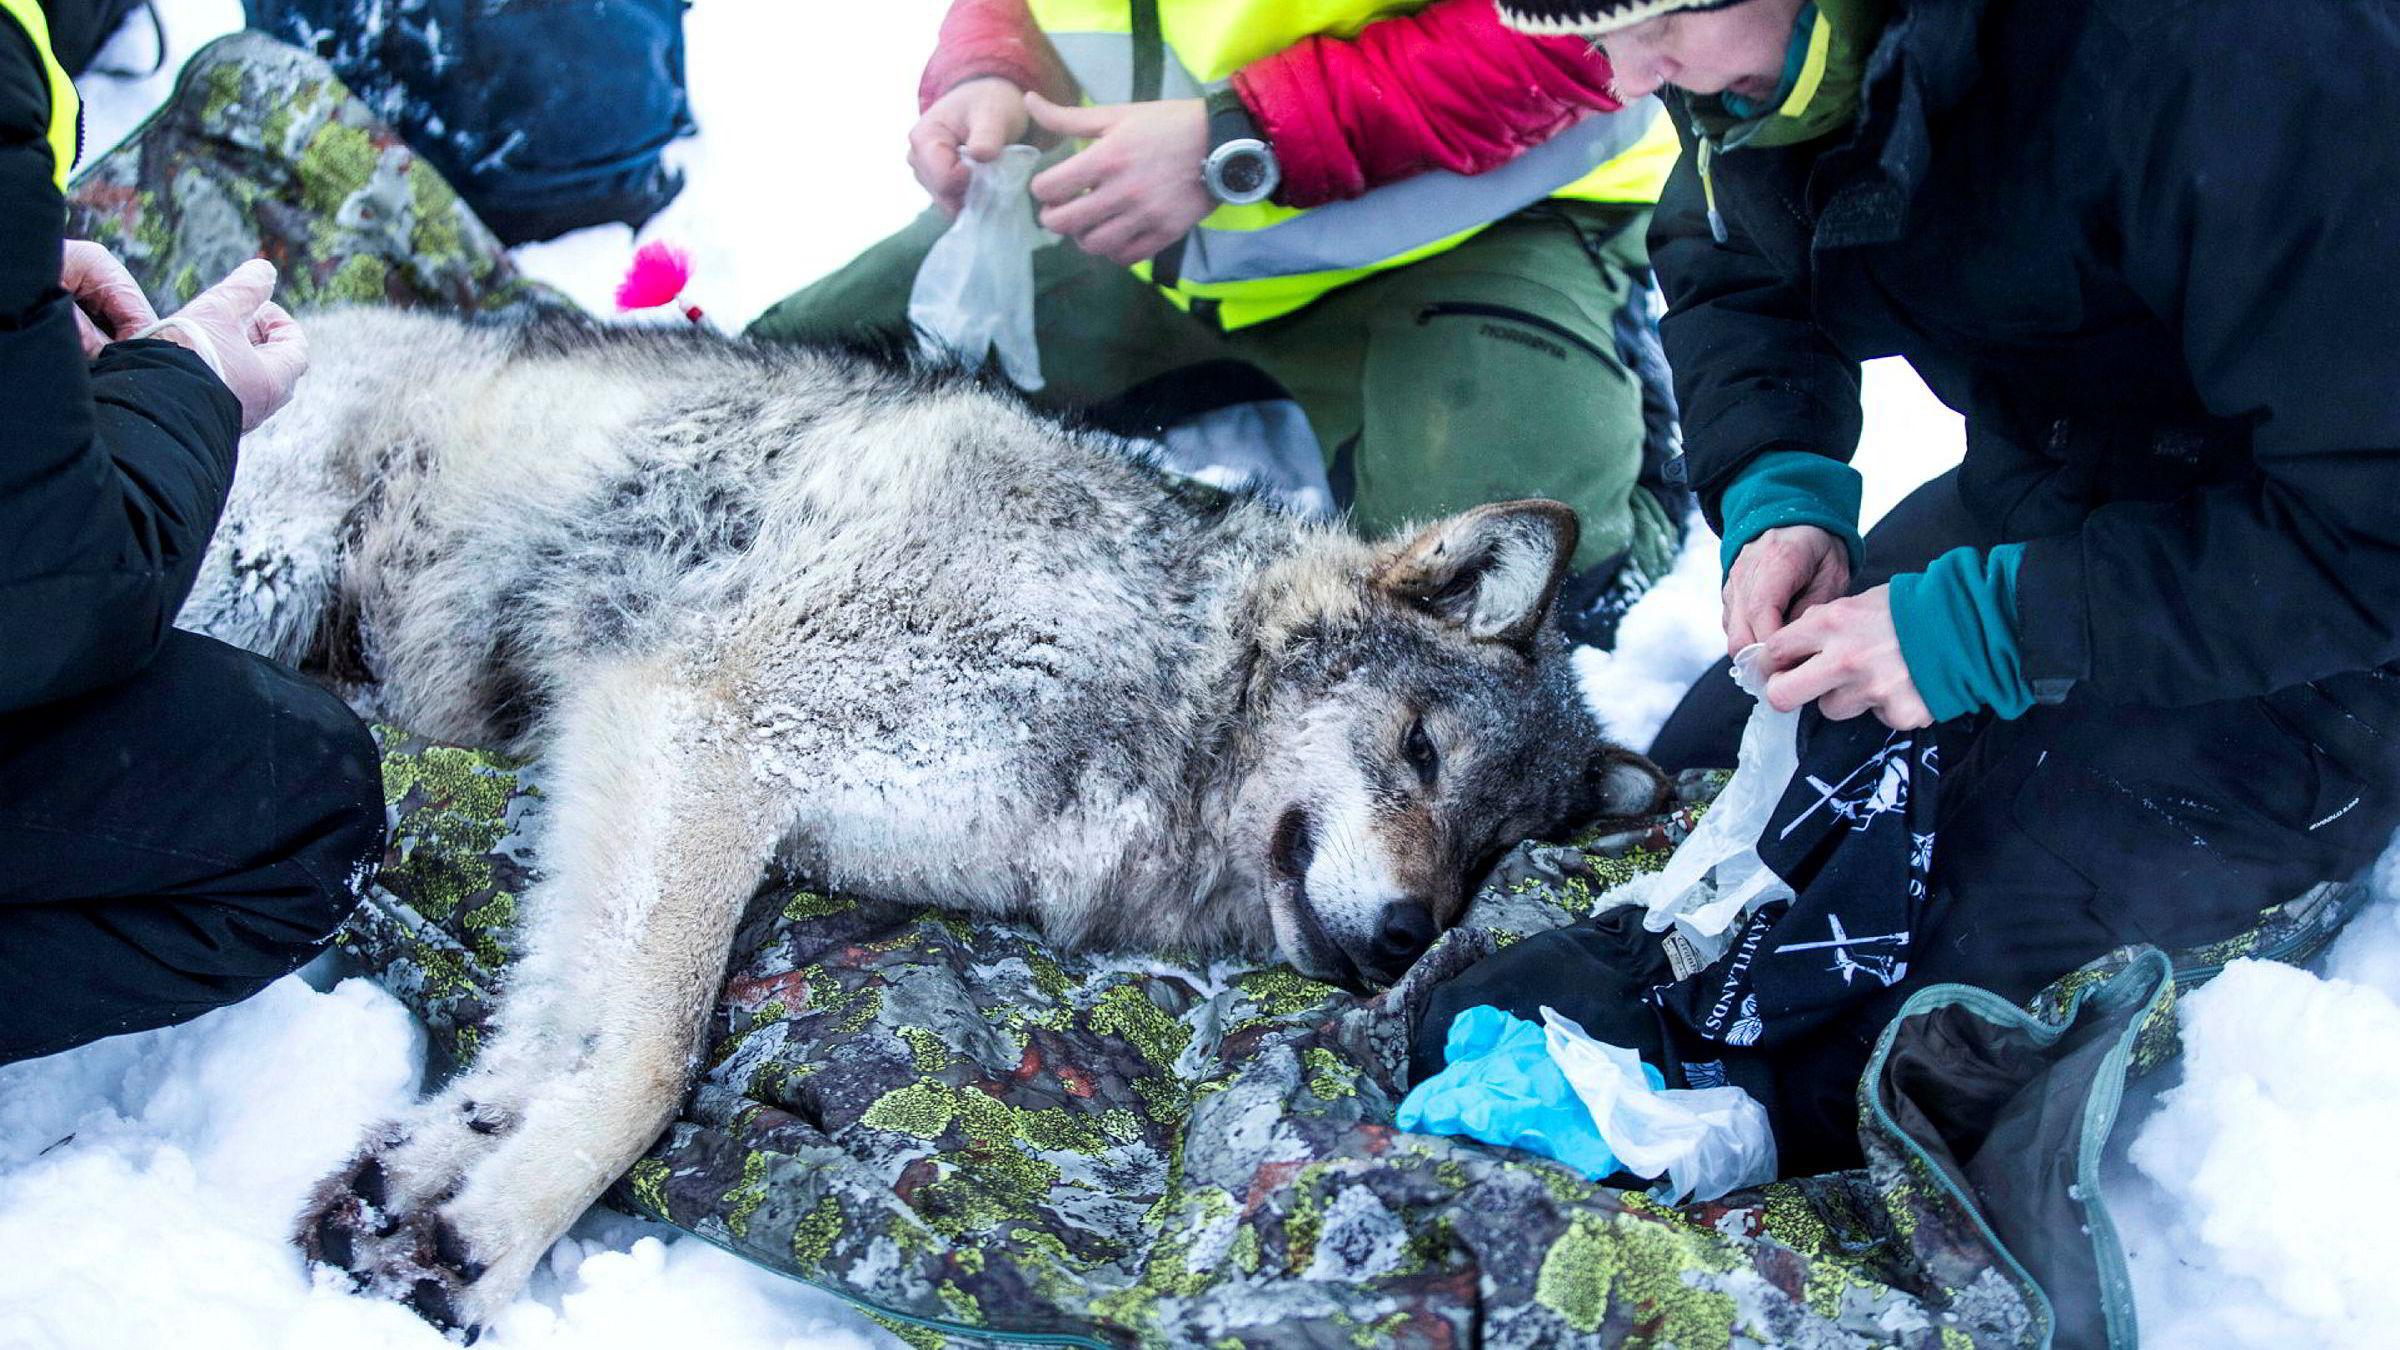 Selv om det vanskelig lar seg dokumentere at ulven er en trussel mot mennesker, er nok frykten berettiget mange steder i Hedmark, skriver artikkelforfatteren. Her fra merking av ulv i Slettås-området i Trysil.